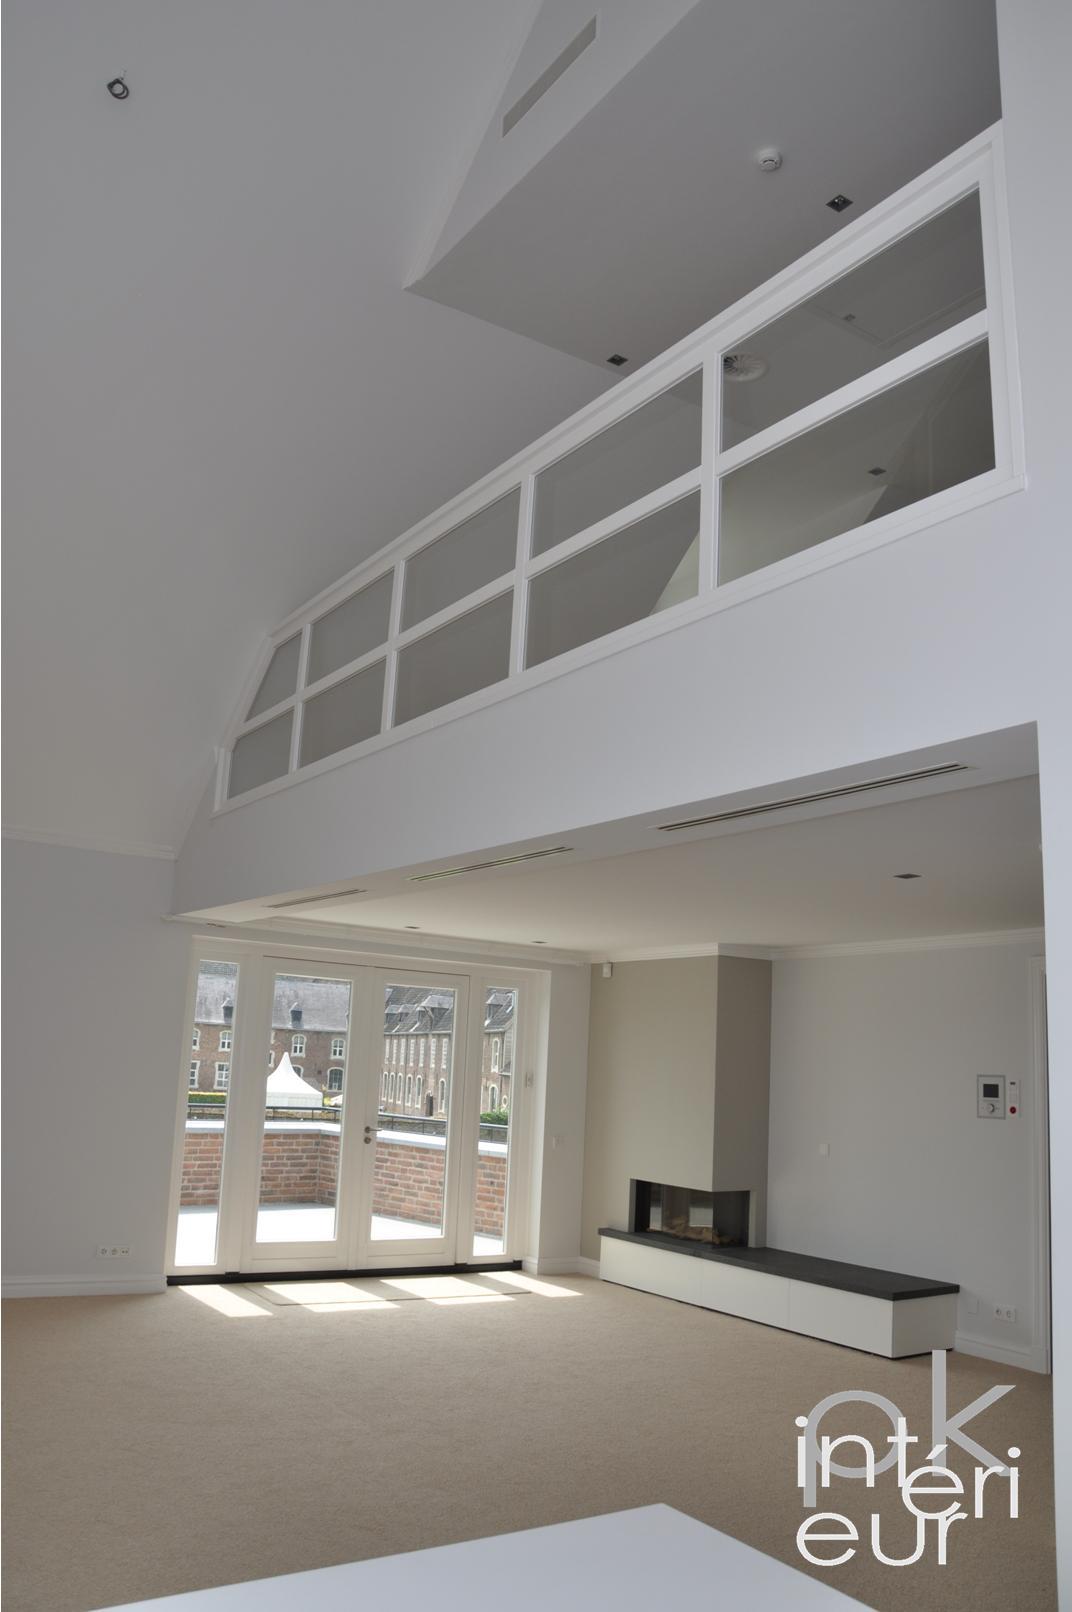 Interieurarchitectuur appartement  Design Ontwerp